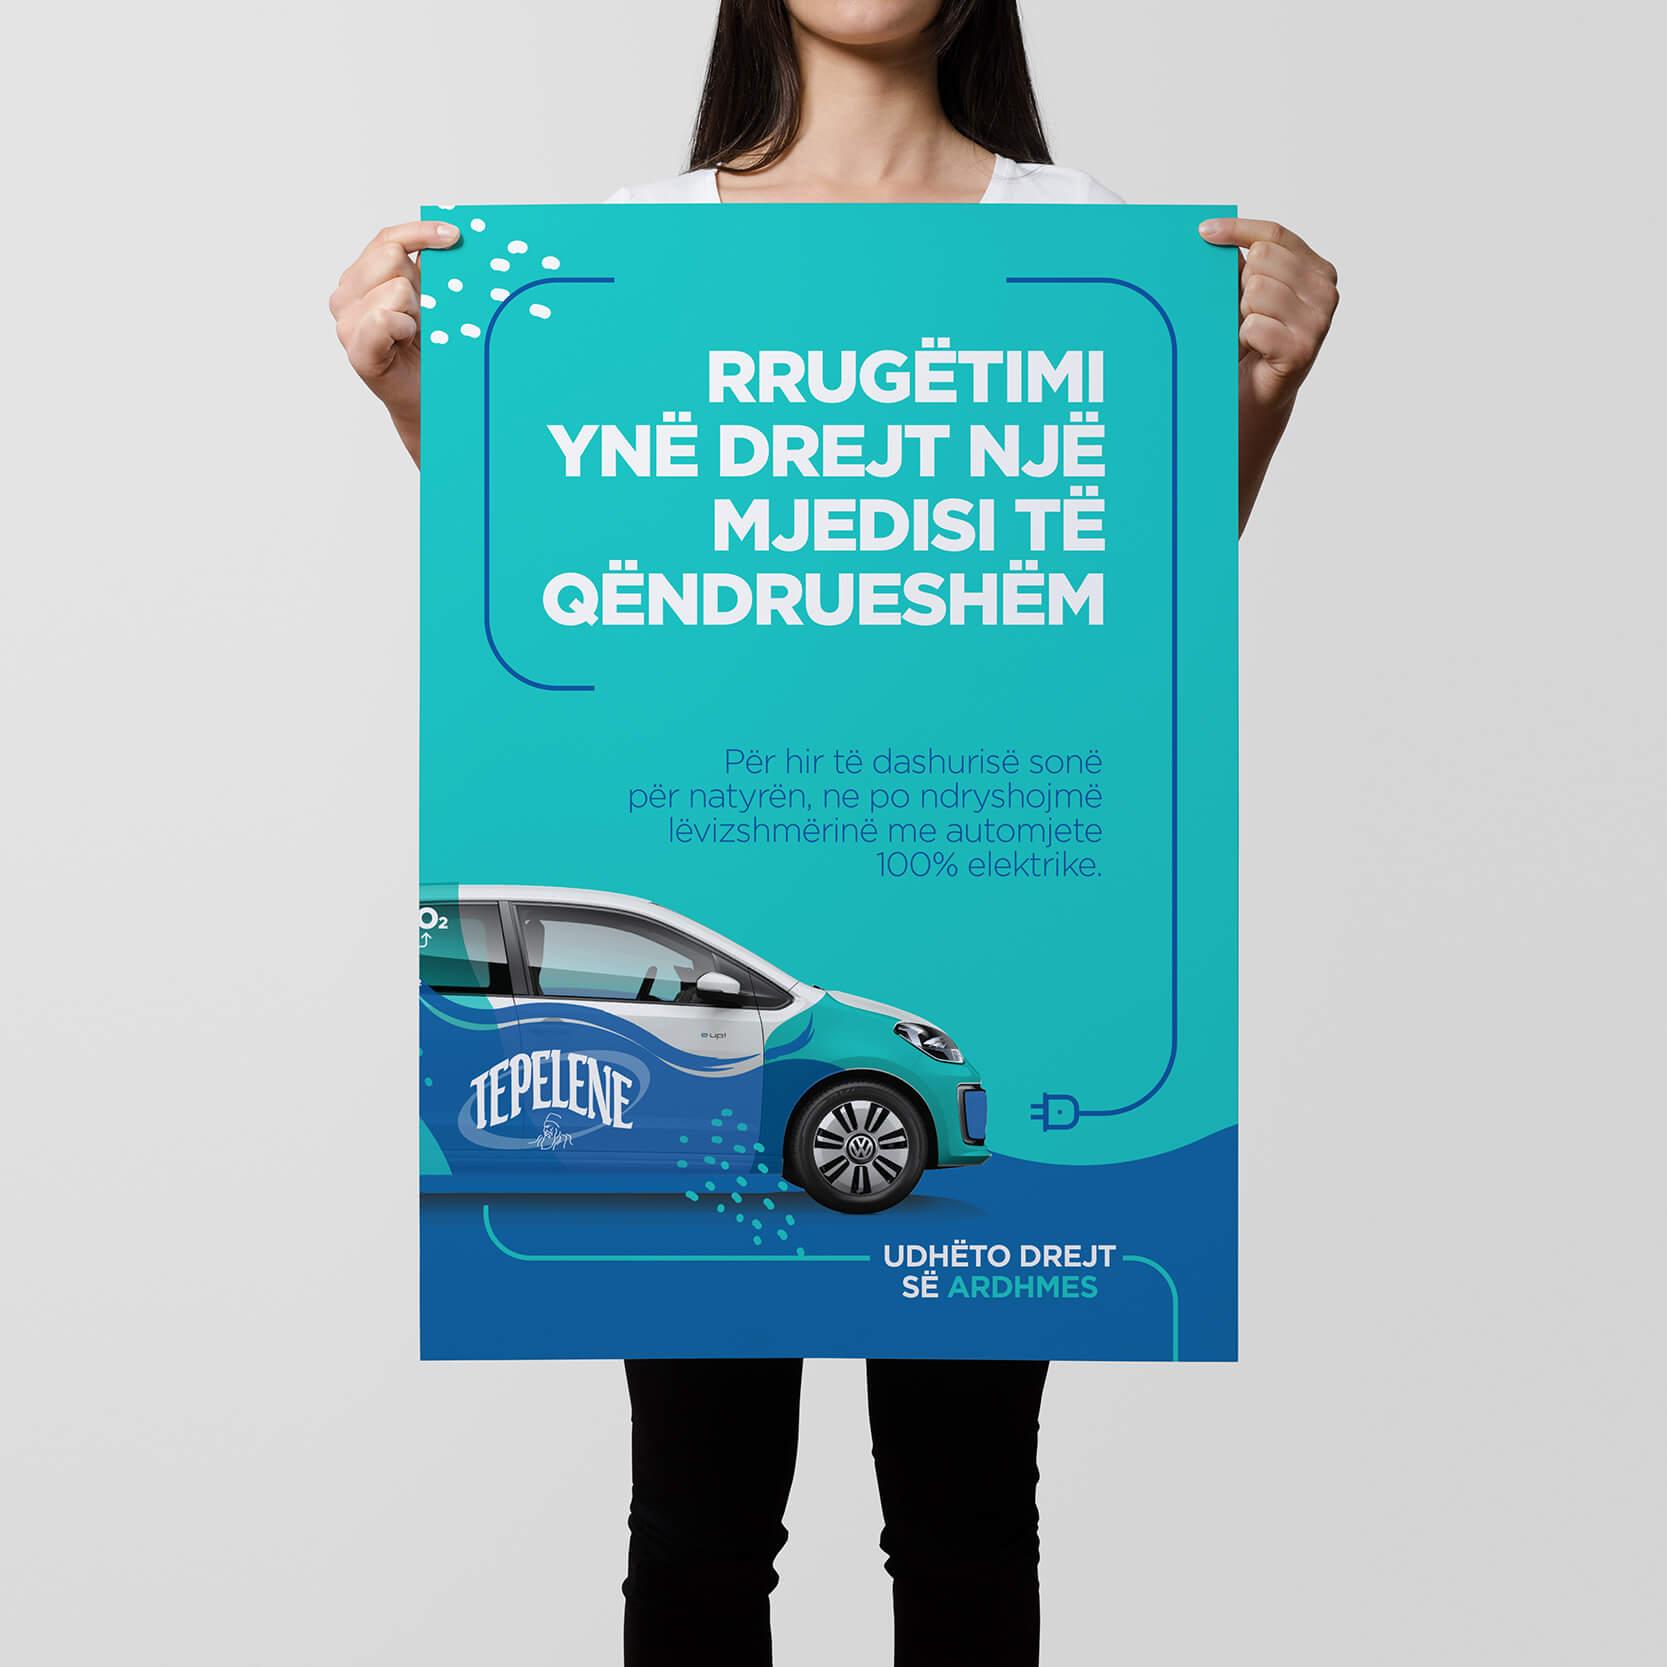 uji tepelene green mobility poster